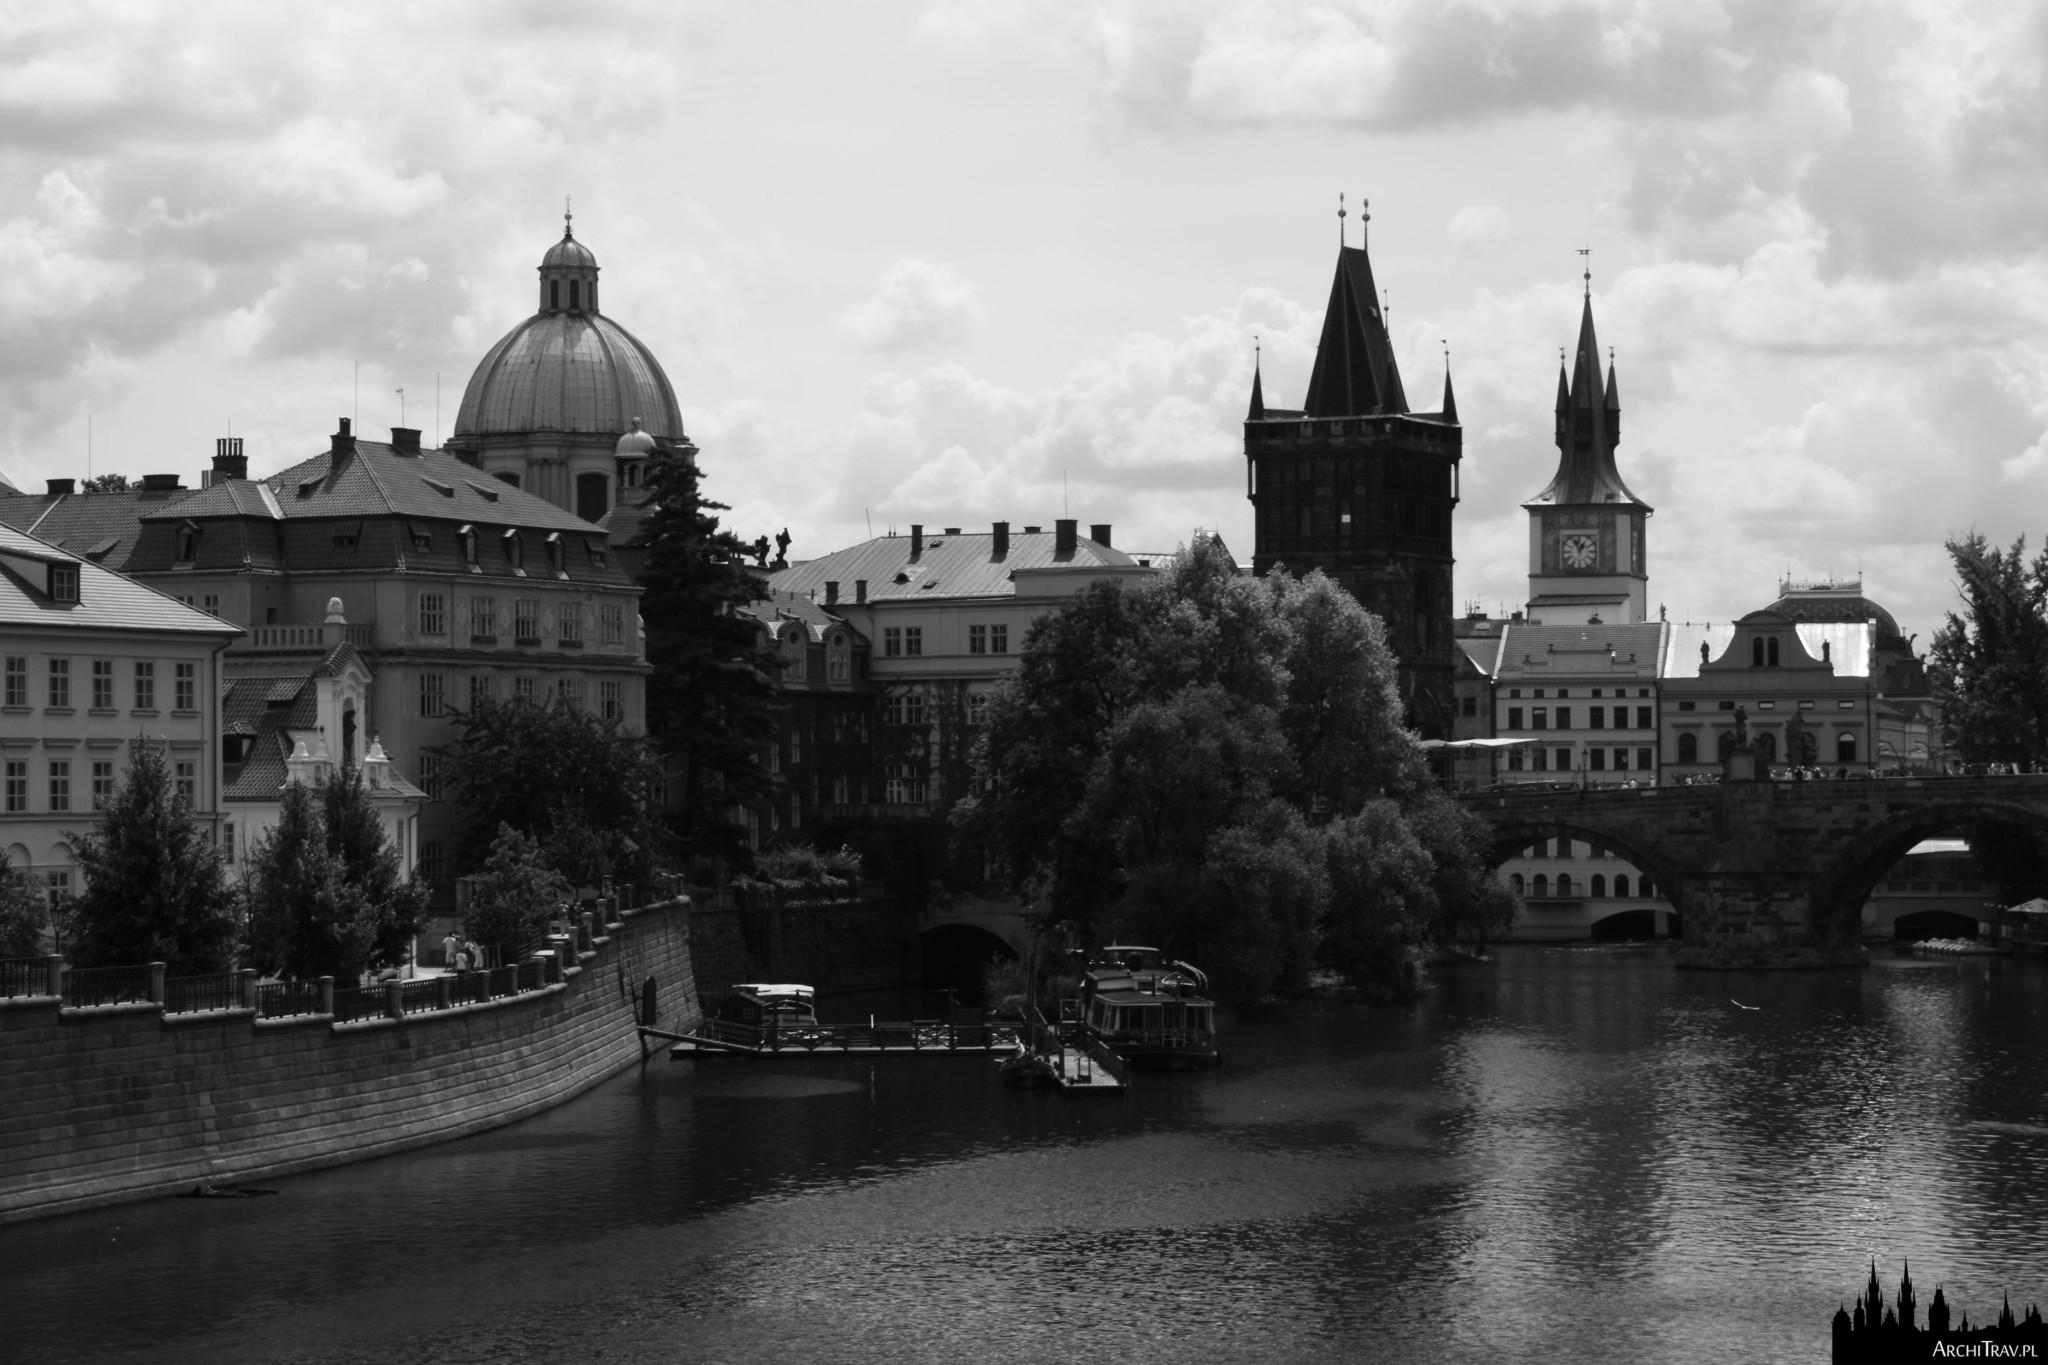 czarno białe zdjęcie prawego brzegu Wełtawy, widok na Wieżę Staromiejską i po prawej Most Karola